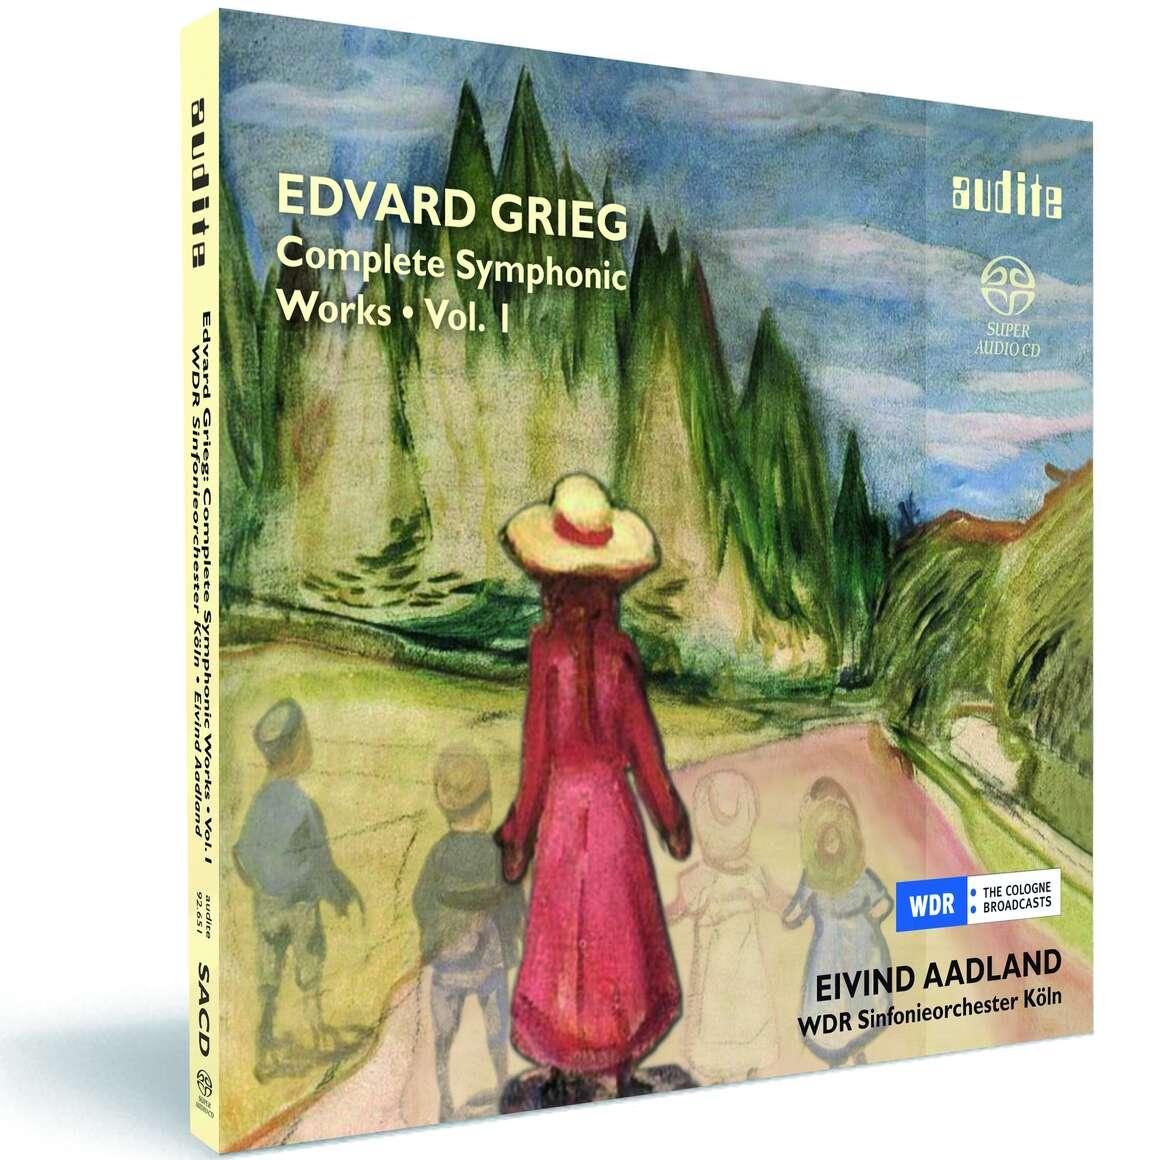 E. Grieg: Complete Symphonic Works Vol. I